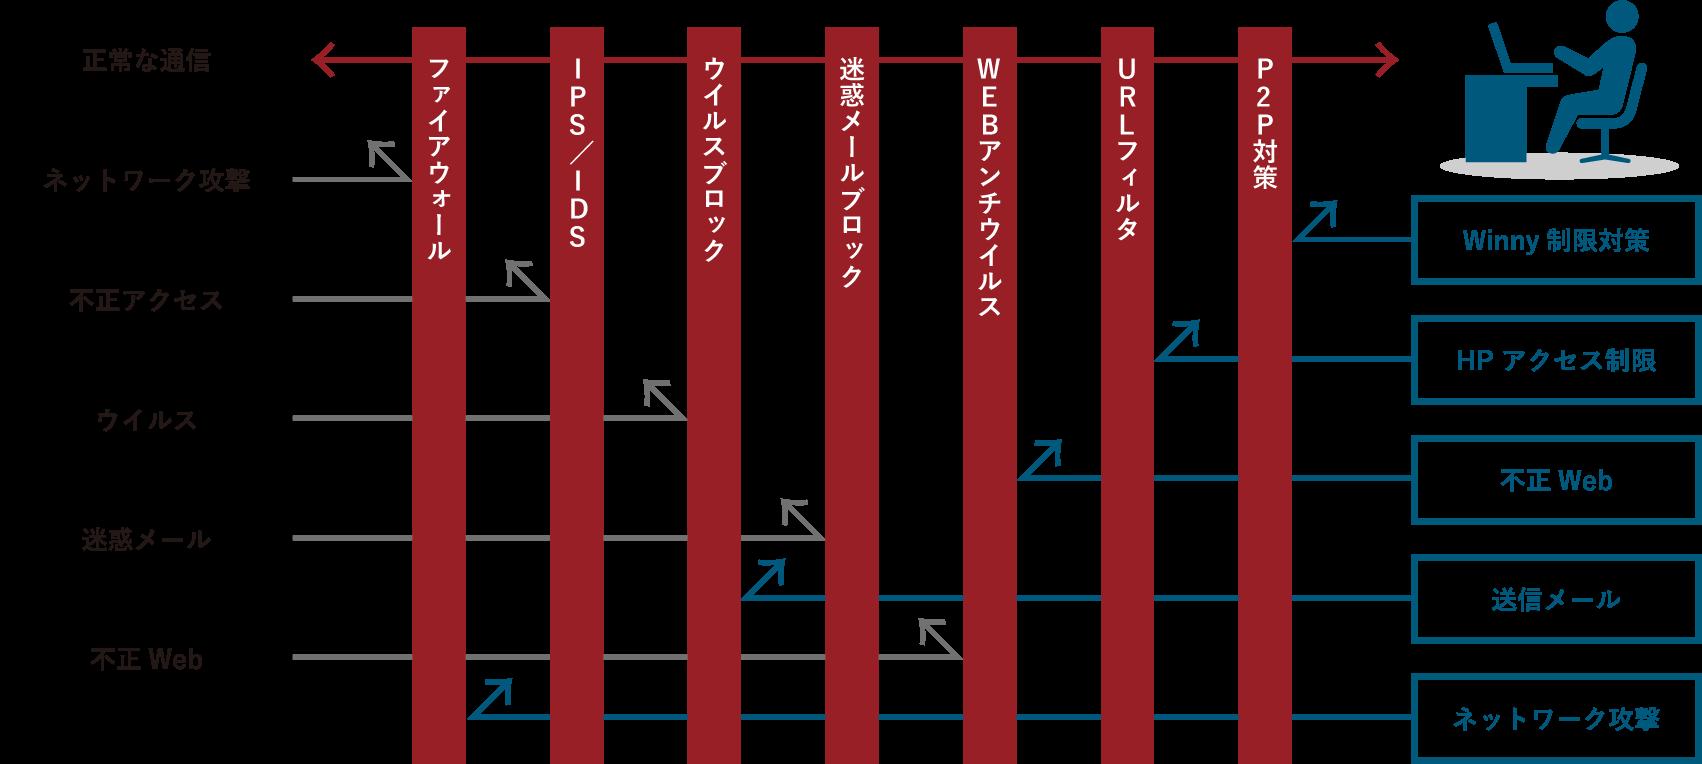 UTMの概念図